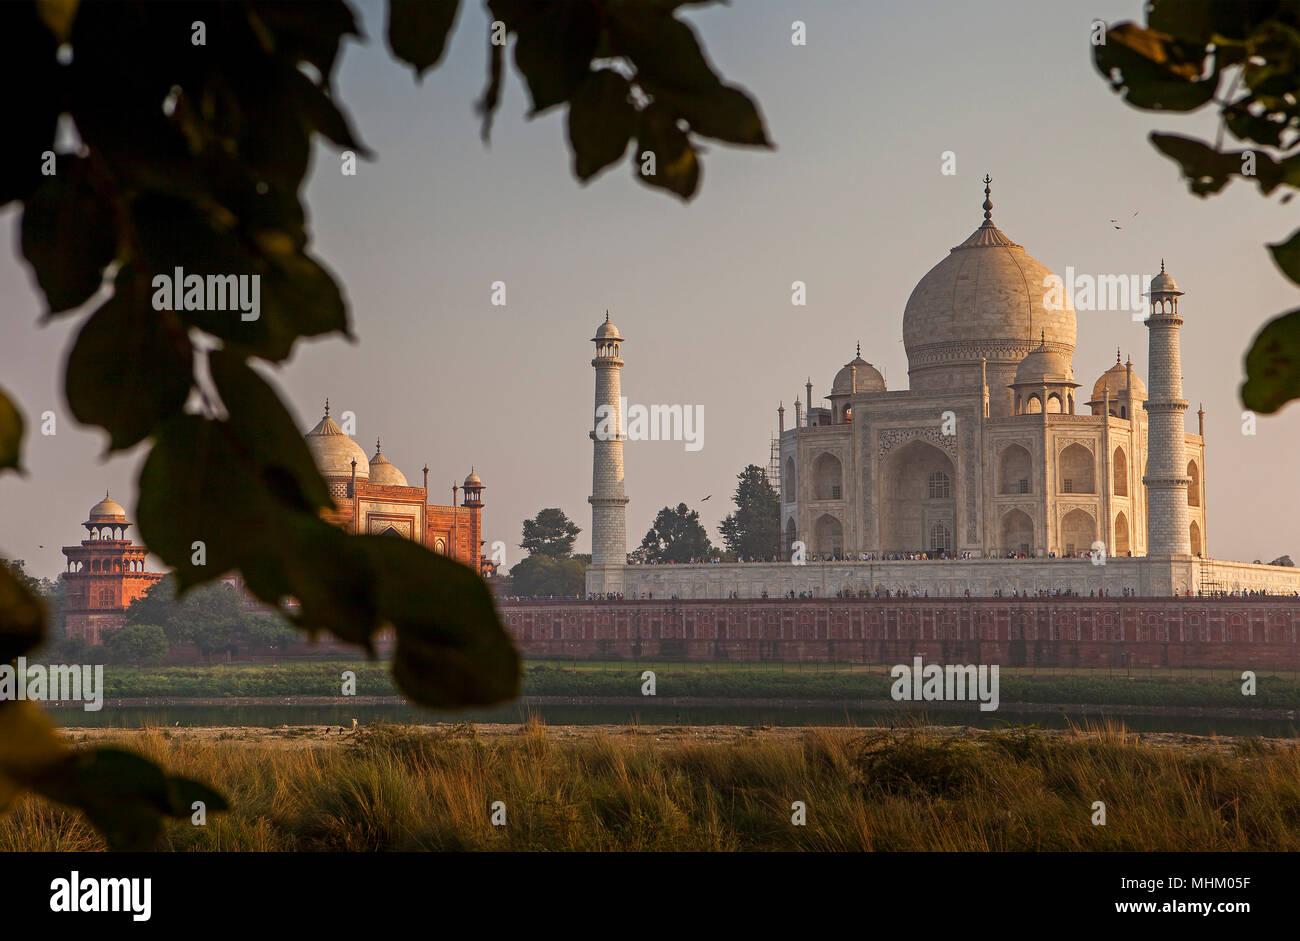 Encuadre, enmarcada, bastidor, Taj Mahal, desde el río Yamuna, Sitio del Patrimonio Mundial de la UNESCO, Agra, Uttar Pradesh, India Imagen De Stock